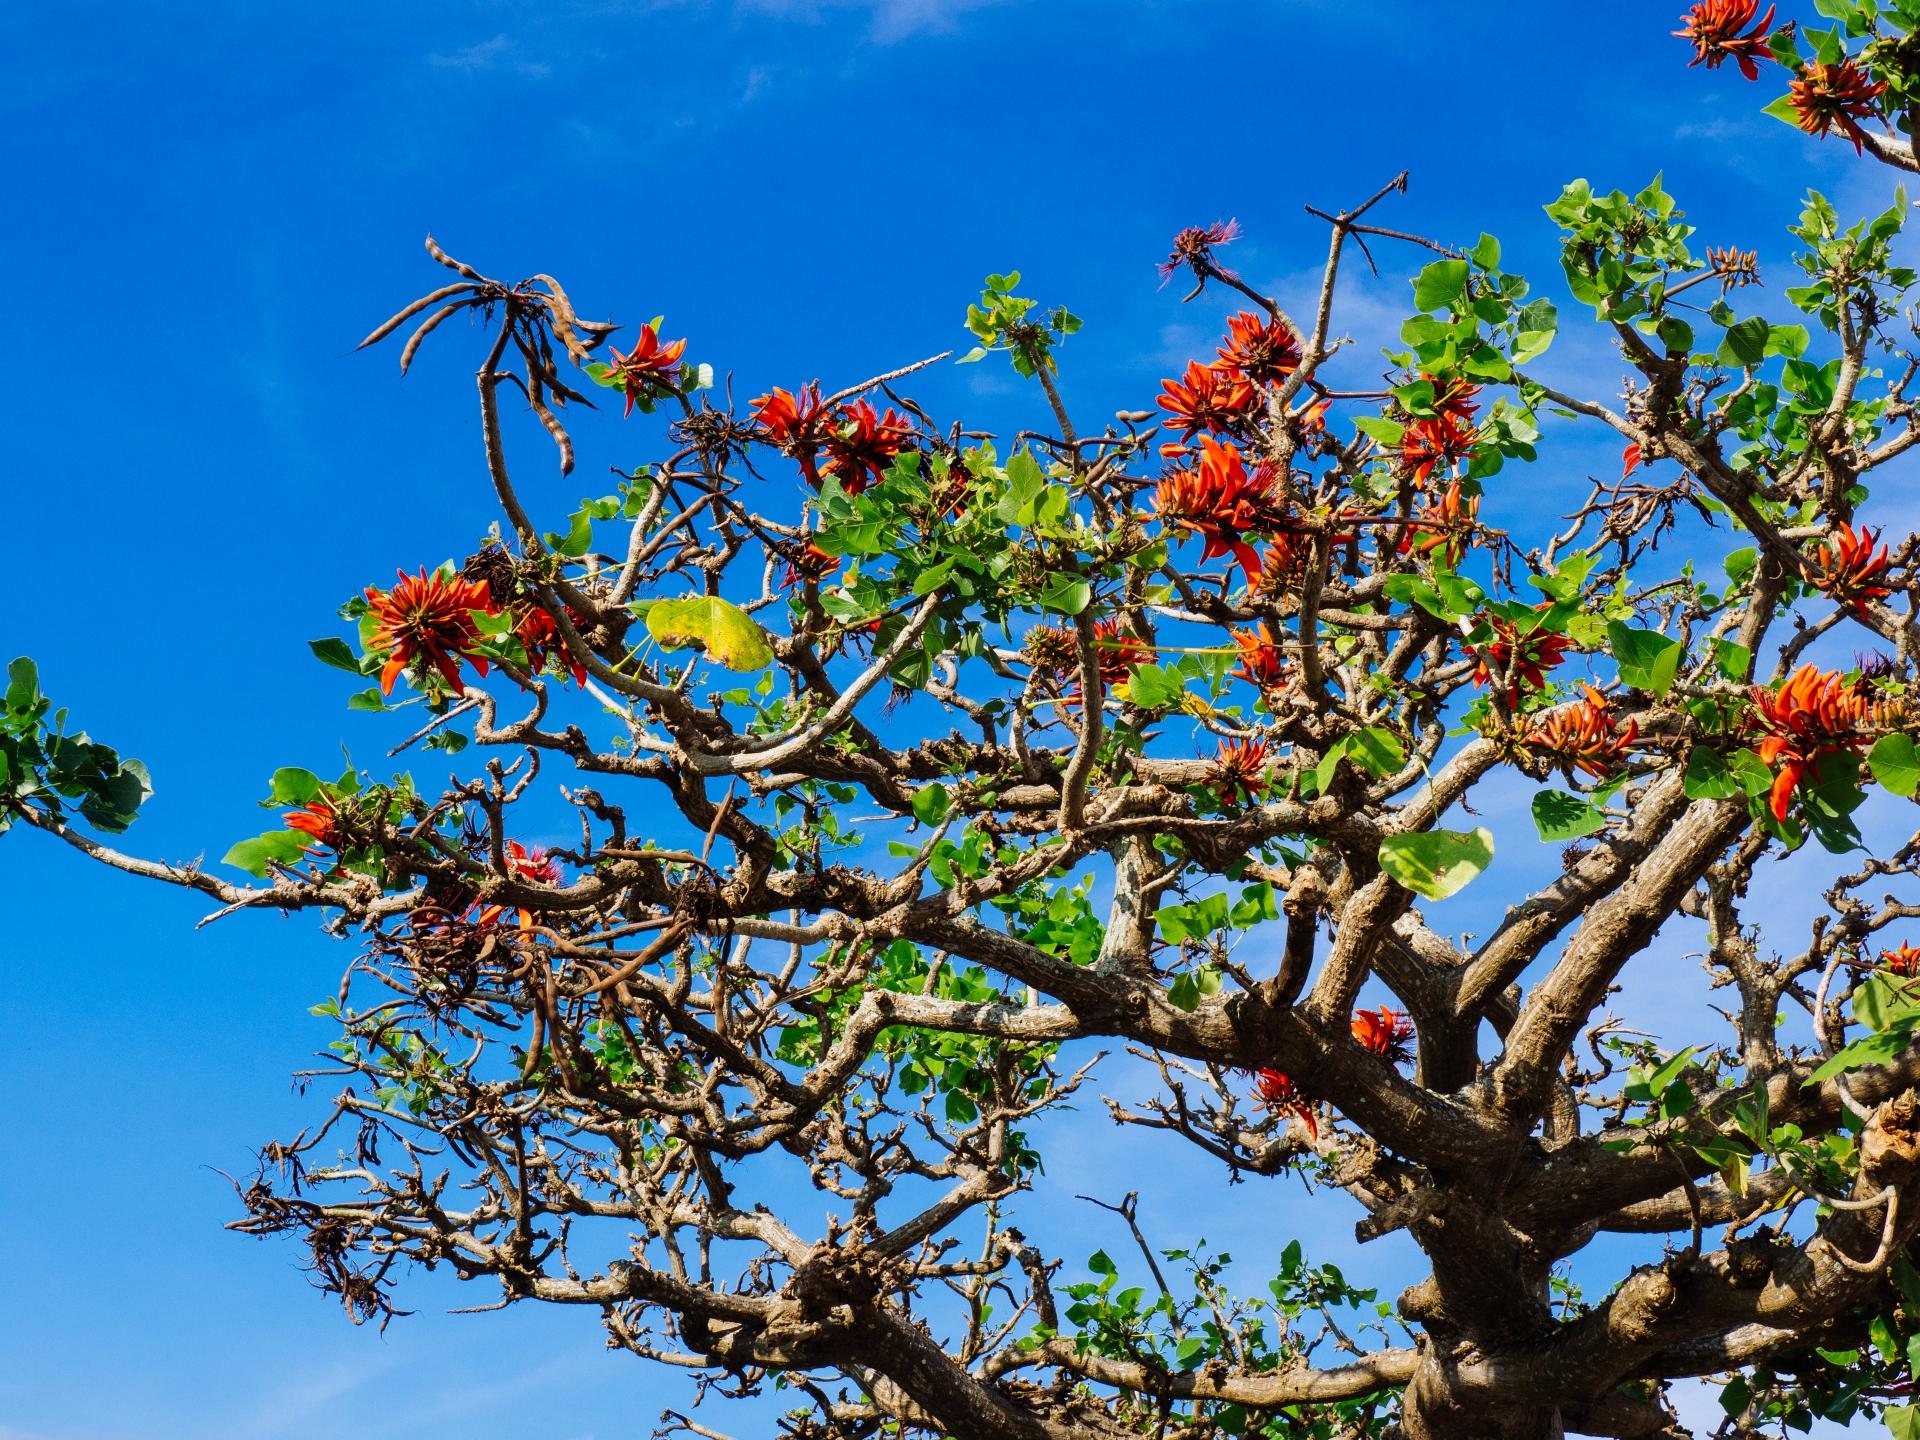 春の宮古島のイメージ